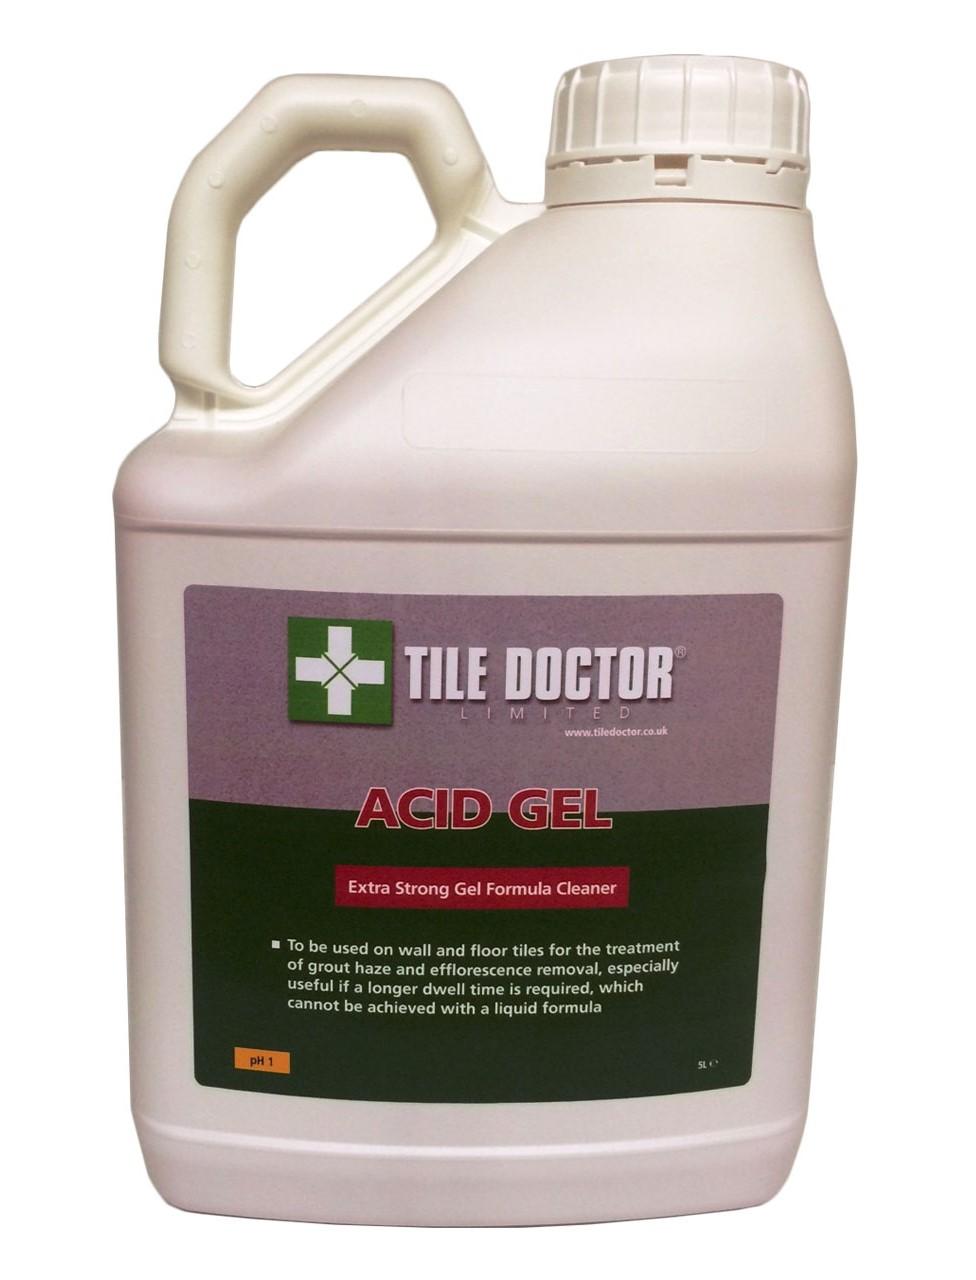 Tile Doctor Acid Gel 5 Litre